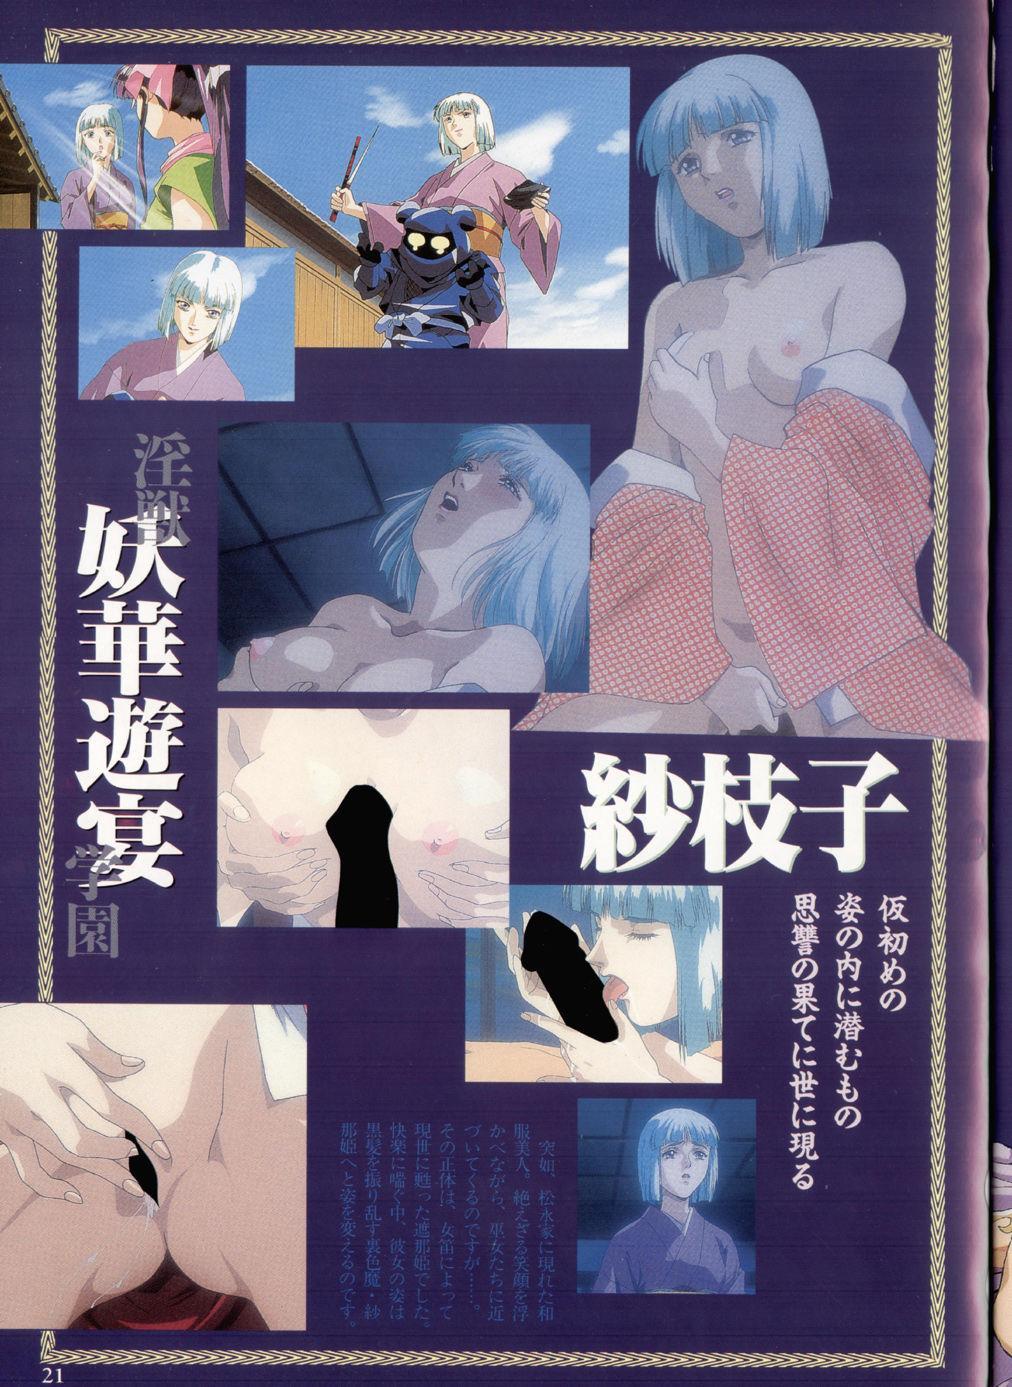 Injuu Gakuen You no Shou Secret File 16